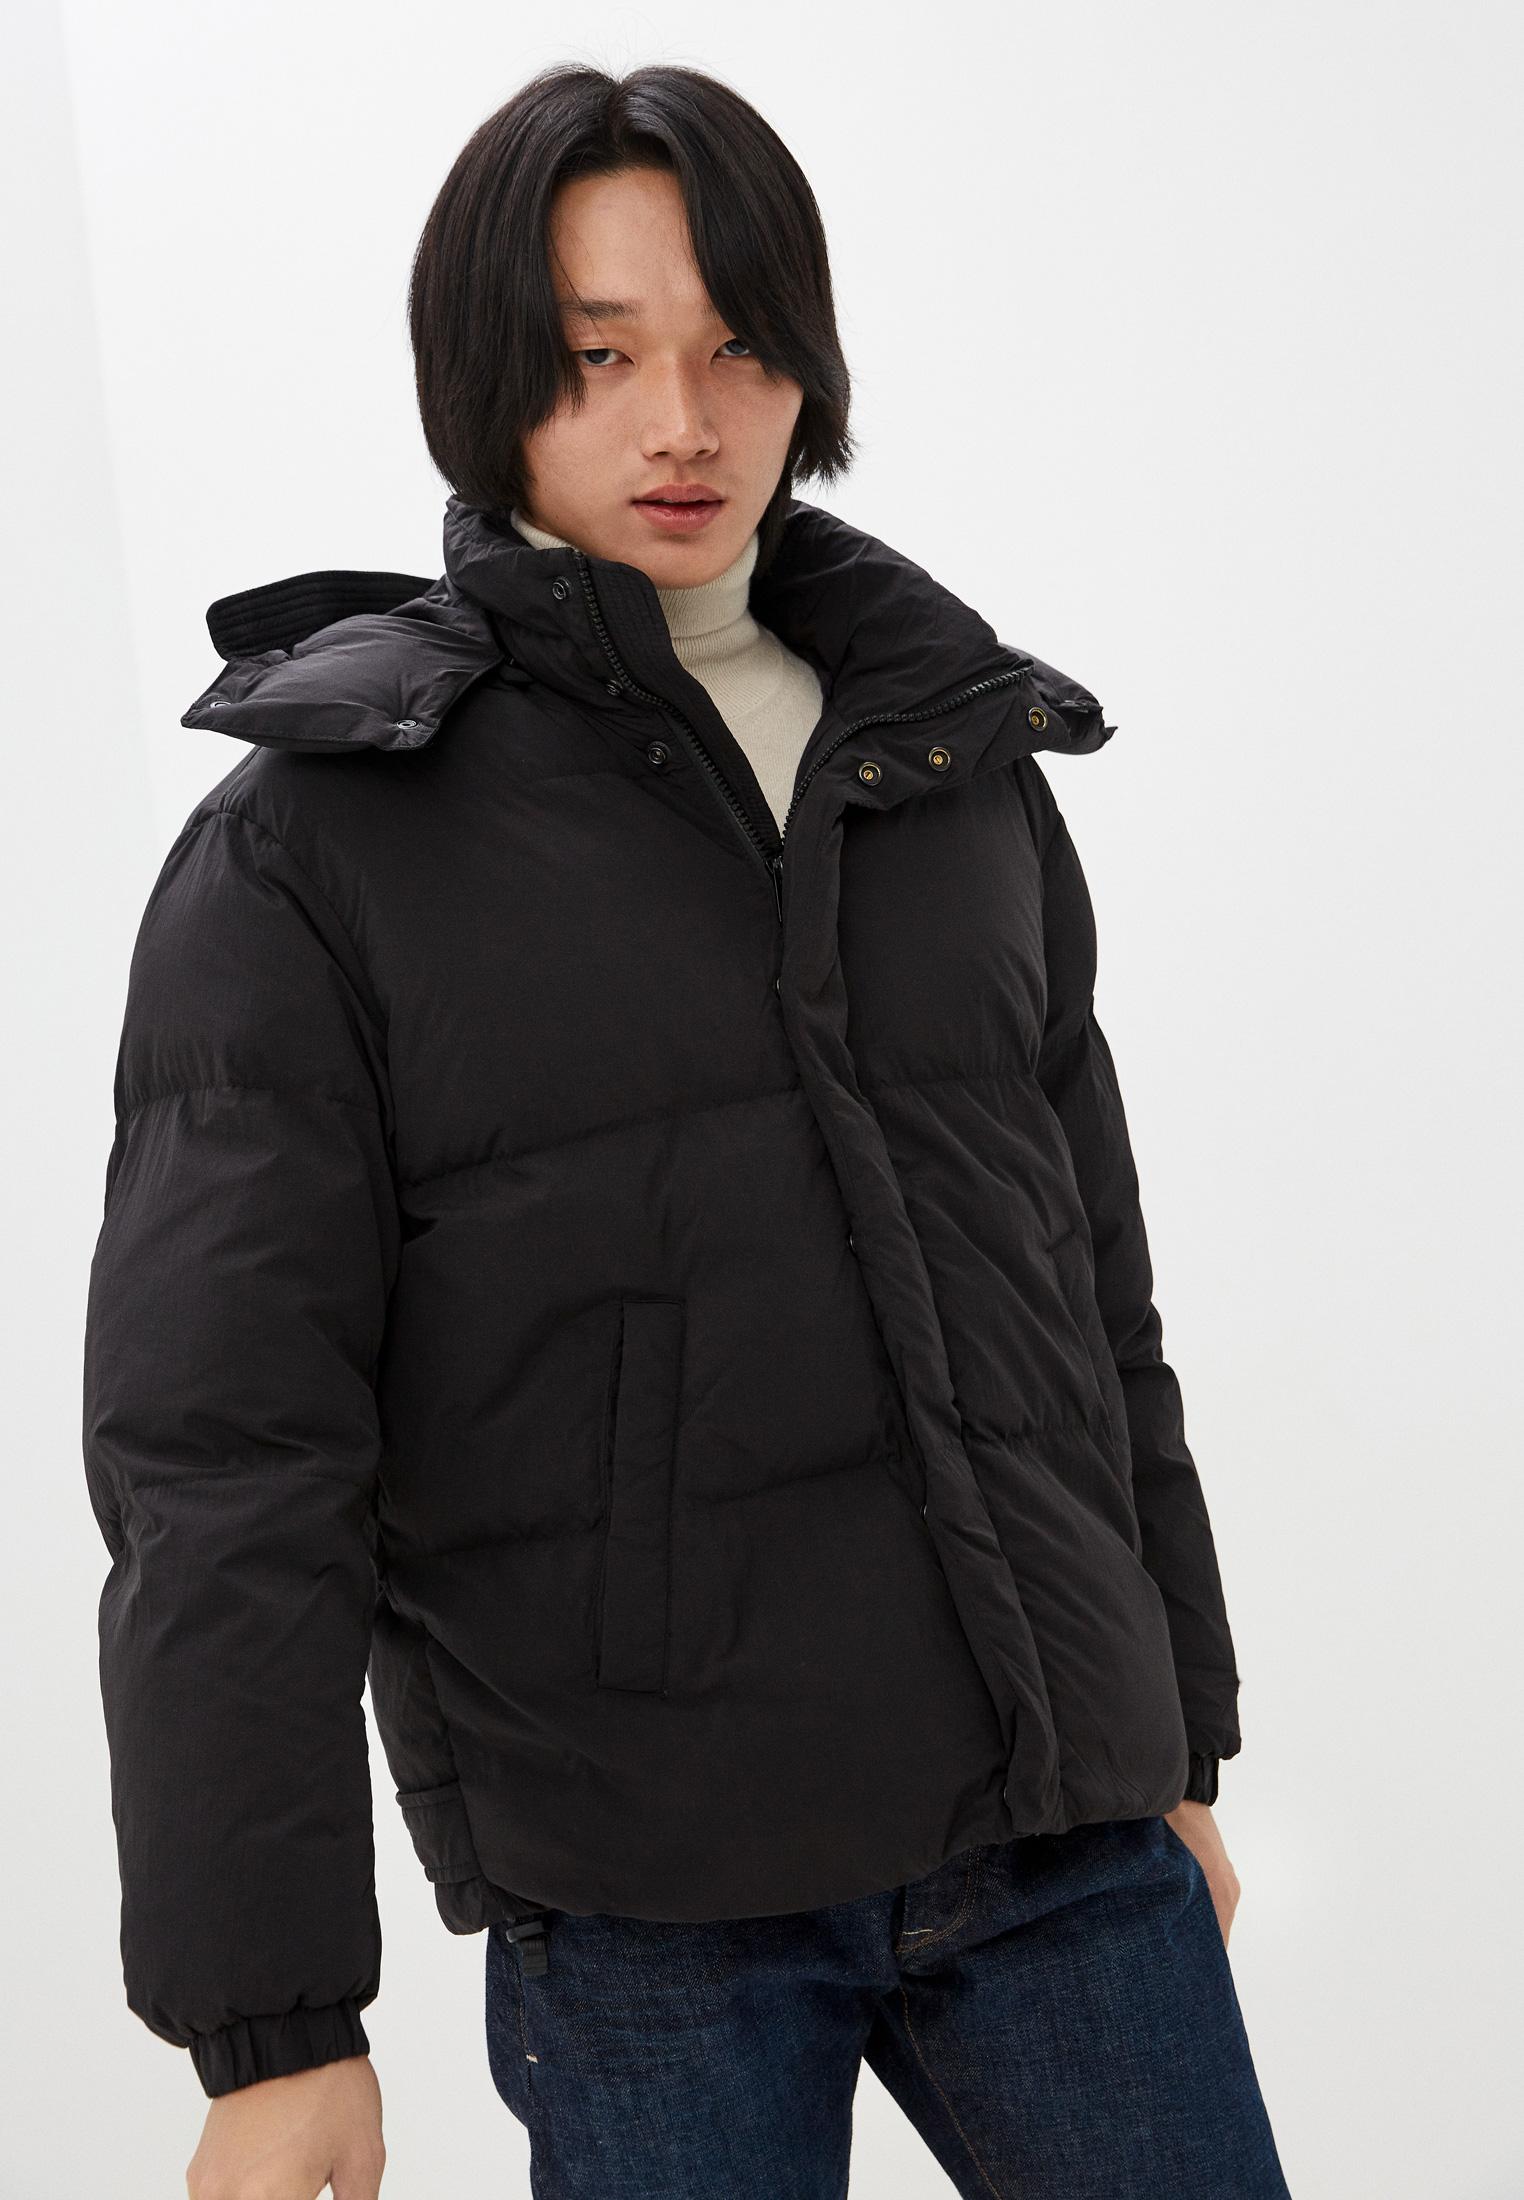 Утепленная куртка Diesel (Дизель) Куртка утепленная Diesel